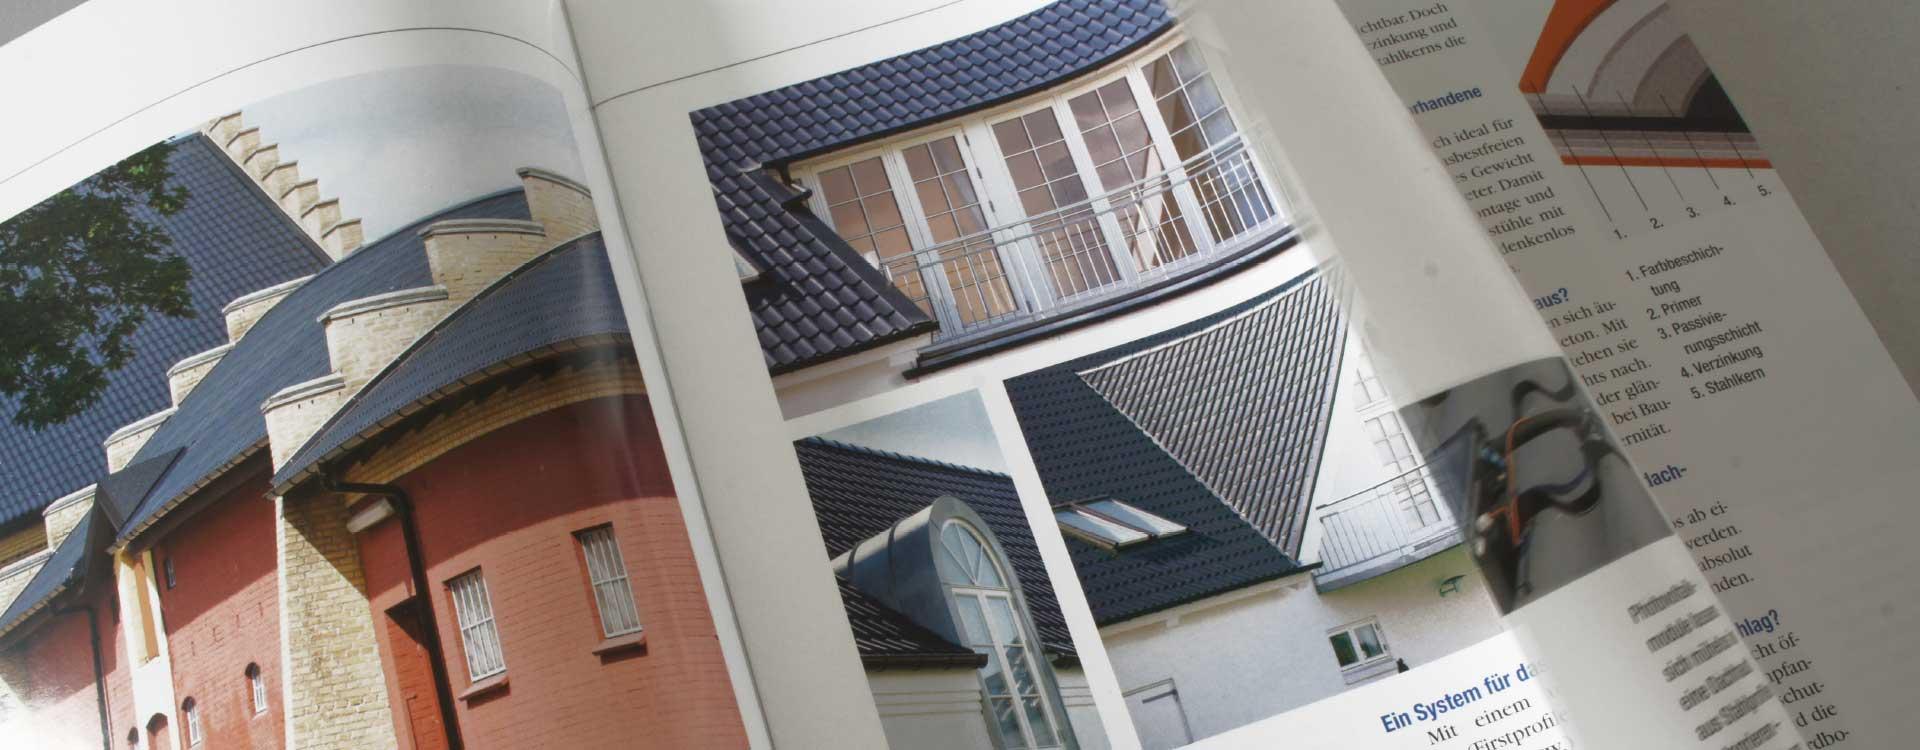 Brochüre Stahldachpfannen aus Stahl – intelligente Lösungen für jedes Dach Stahl-Informations-Zentrum; Design: Kattrin Richter | Graphic Design Studio